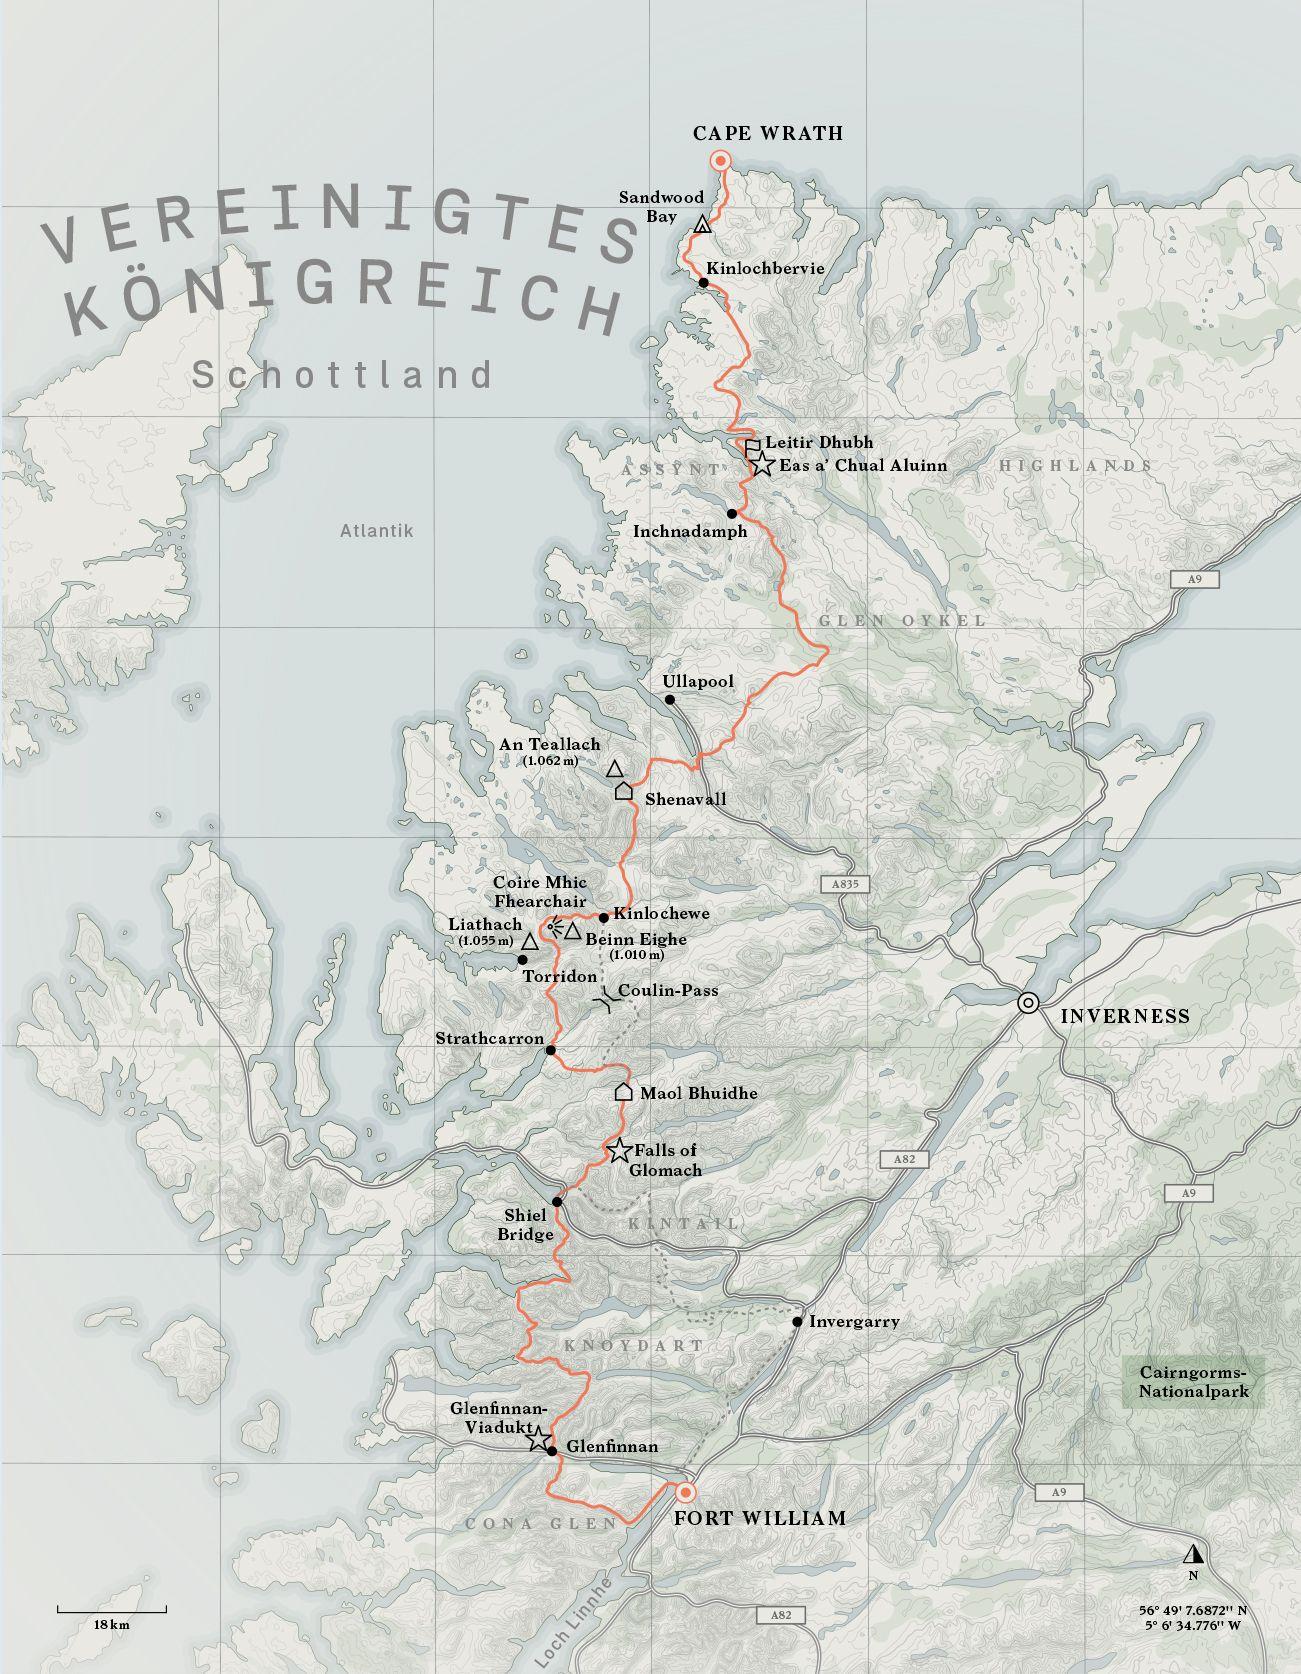 Buch Wanderlust Europa / gesalten 2020 / Karte vom Cape Wrath Trail S.33